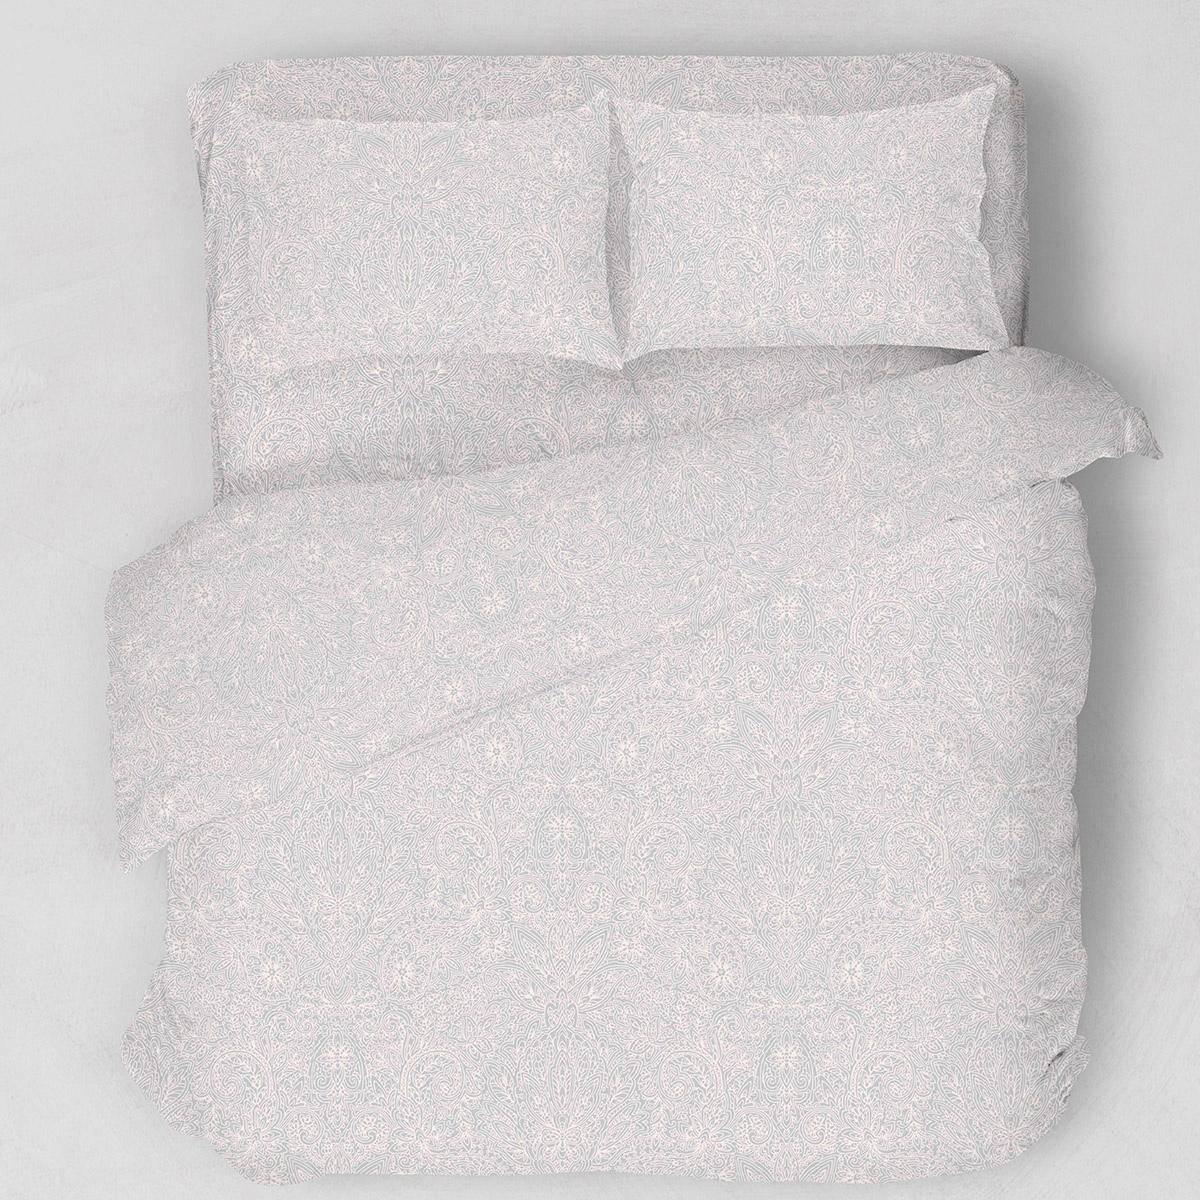 Σεντόνια Υπέρδιπλα (Σετ) Melinen Lahour Grey ΜΕ ΛΑΣΤΙΧΟ 160×200+32 ΜΕ ΛΑΣΤΙΧΟ 160×200+32